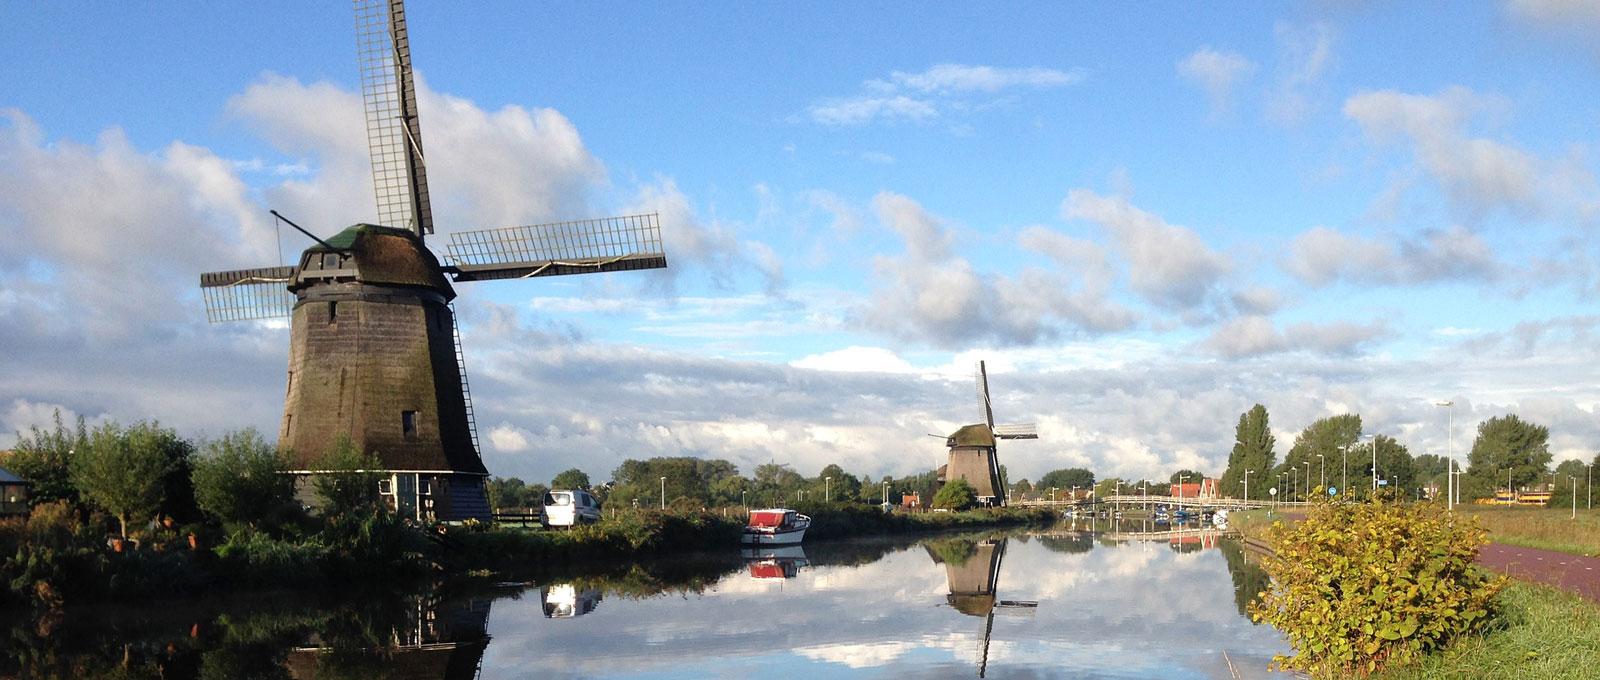 Windmühlen in Holland. © pixabay.com